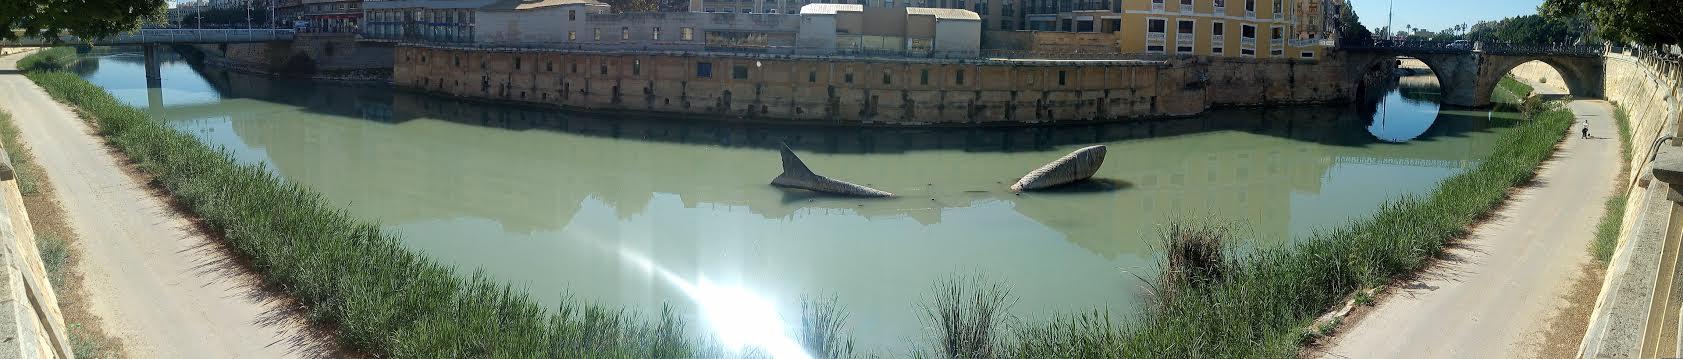 Las aguas del Segura, hoy, con un color verde y  alta turbidez. Imagen: Huermur